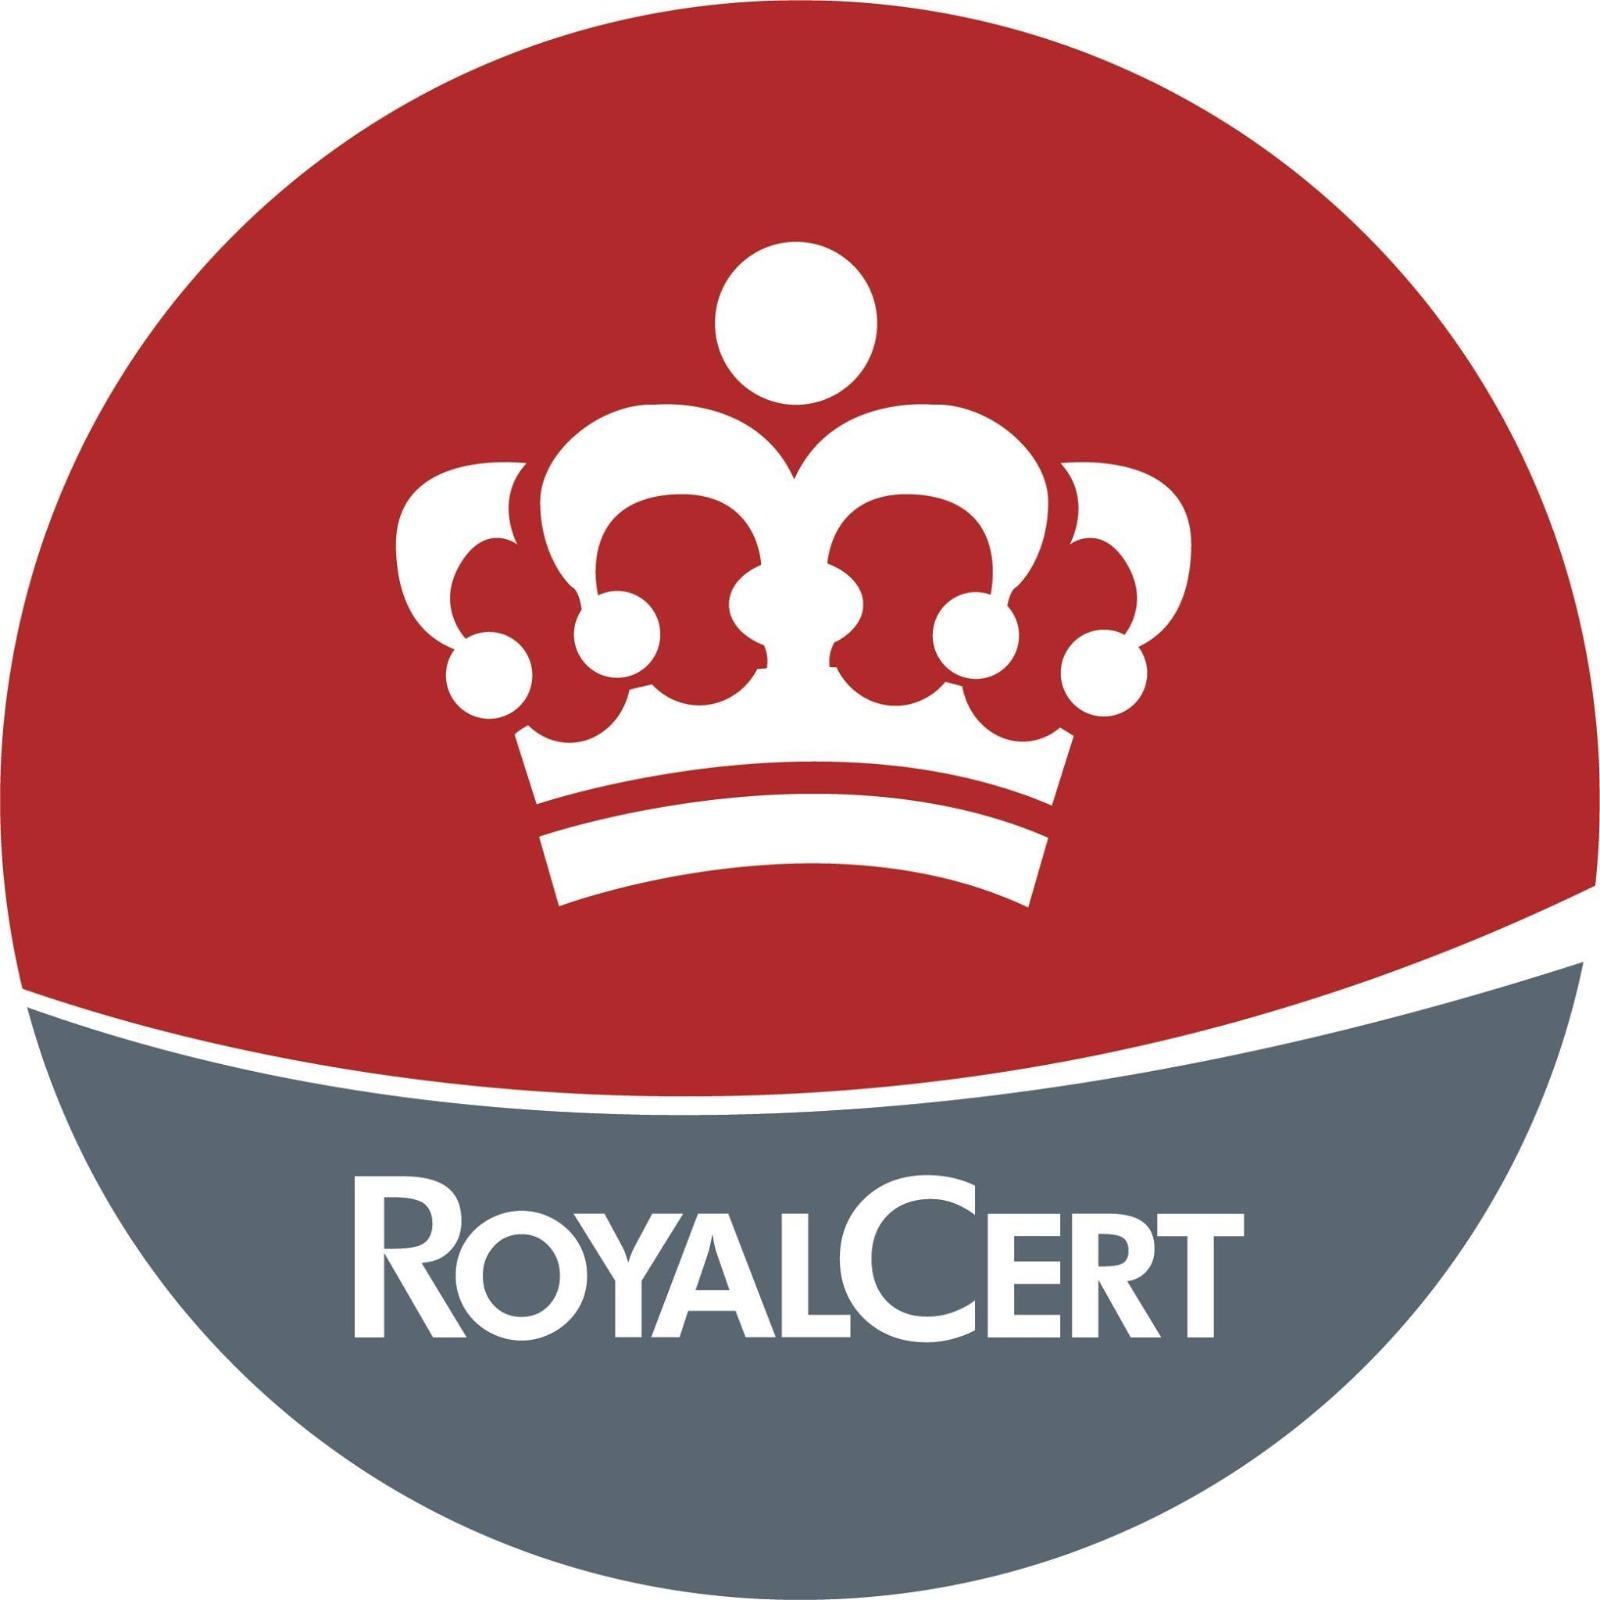 RoyalCert ile çalışmalarımıza başladık.